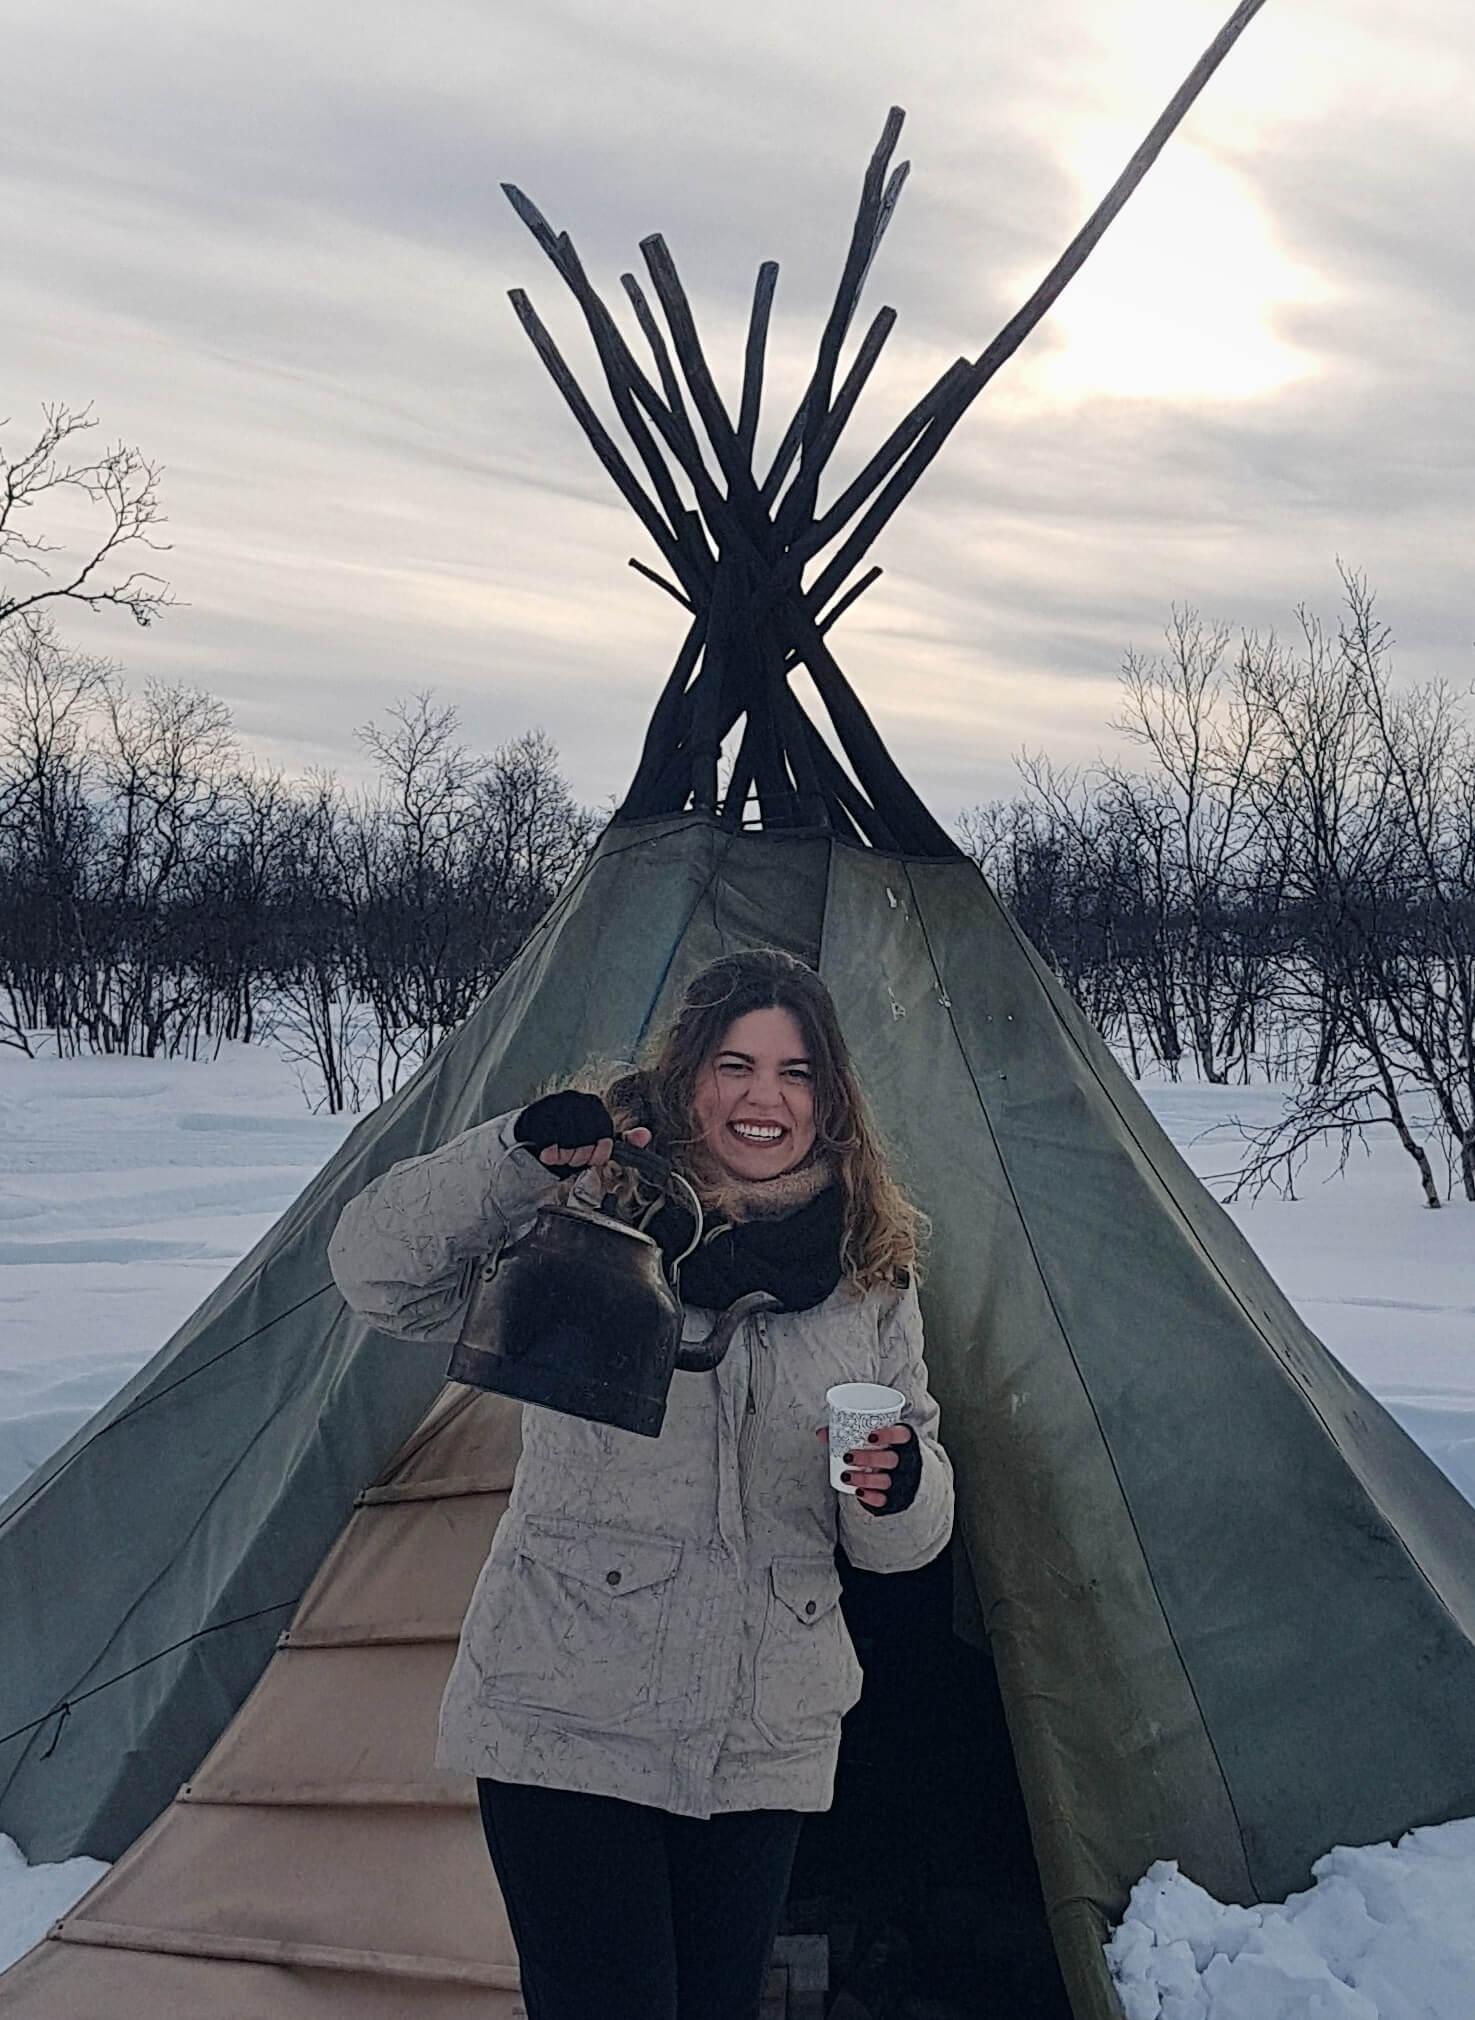 Claudia de acampada en la nieve